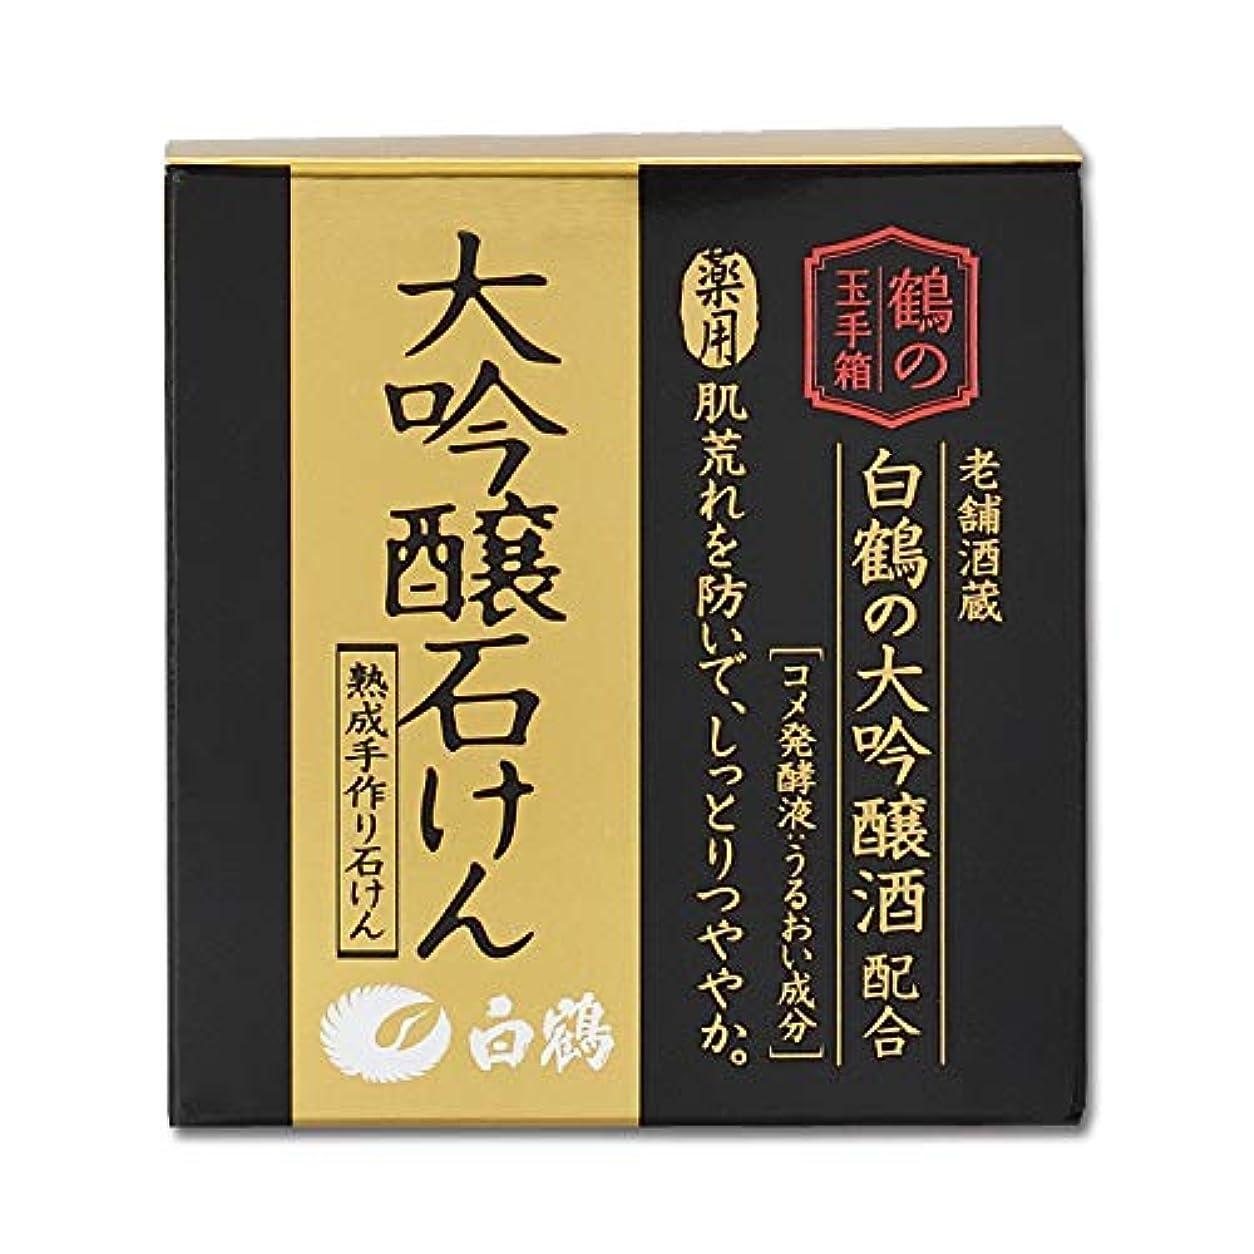 刺繍飛行場宣言白鶴 鶴の玉手箱 薬用 大吟醸石けん 100g (医薬部外品)